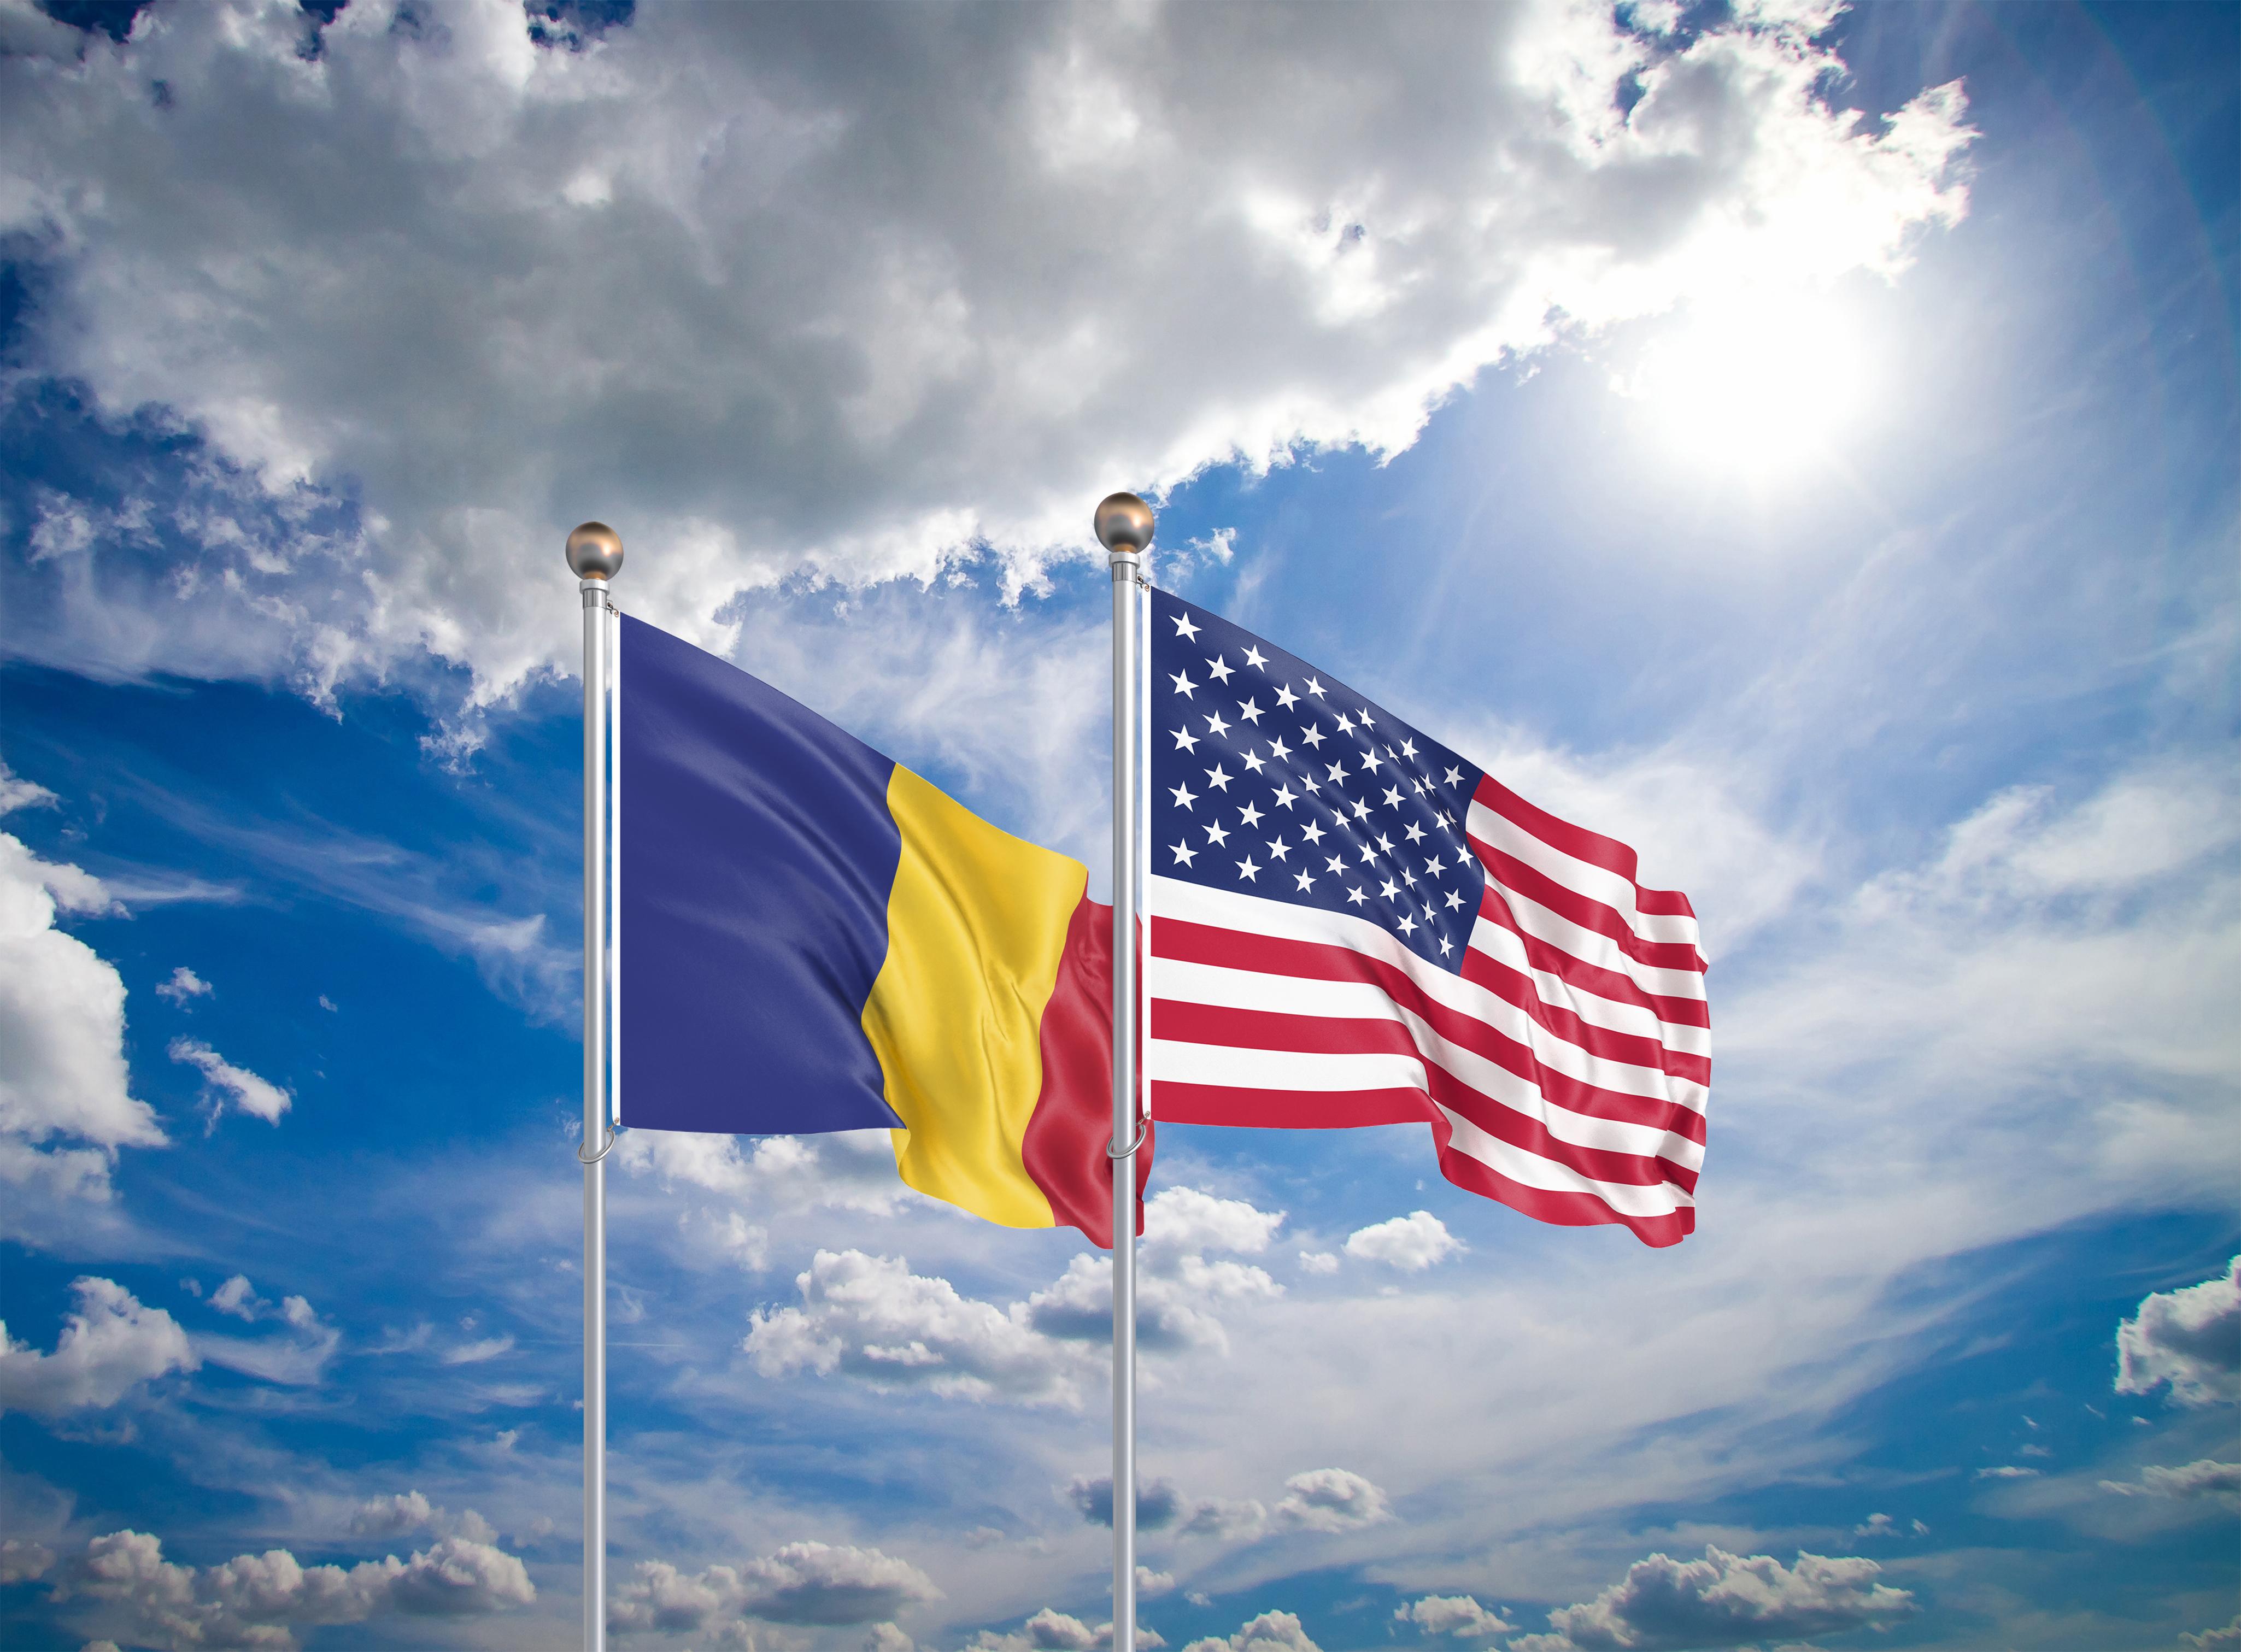 Флаг США и Румынии, которая ожидает безвиз с Америкой к 2024 году